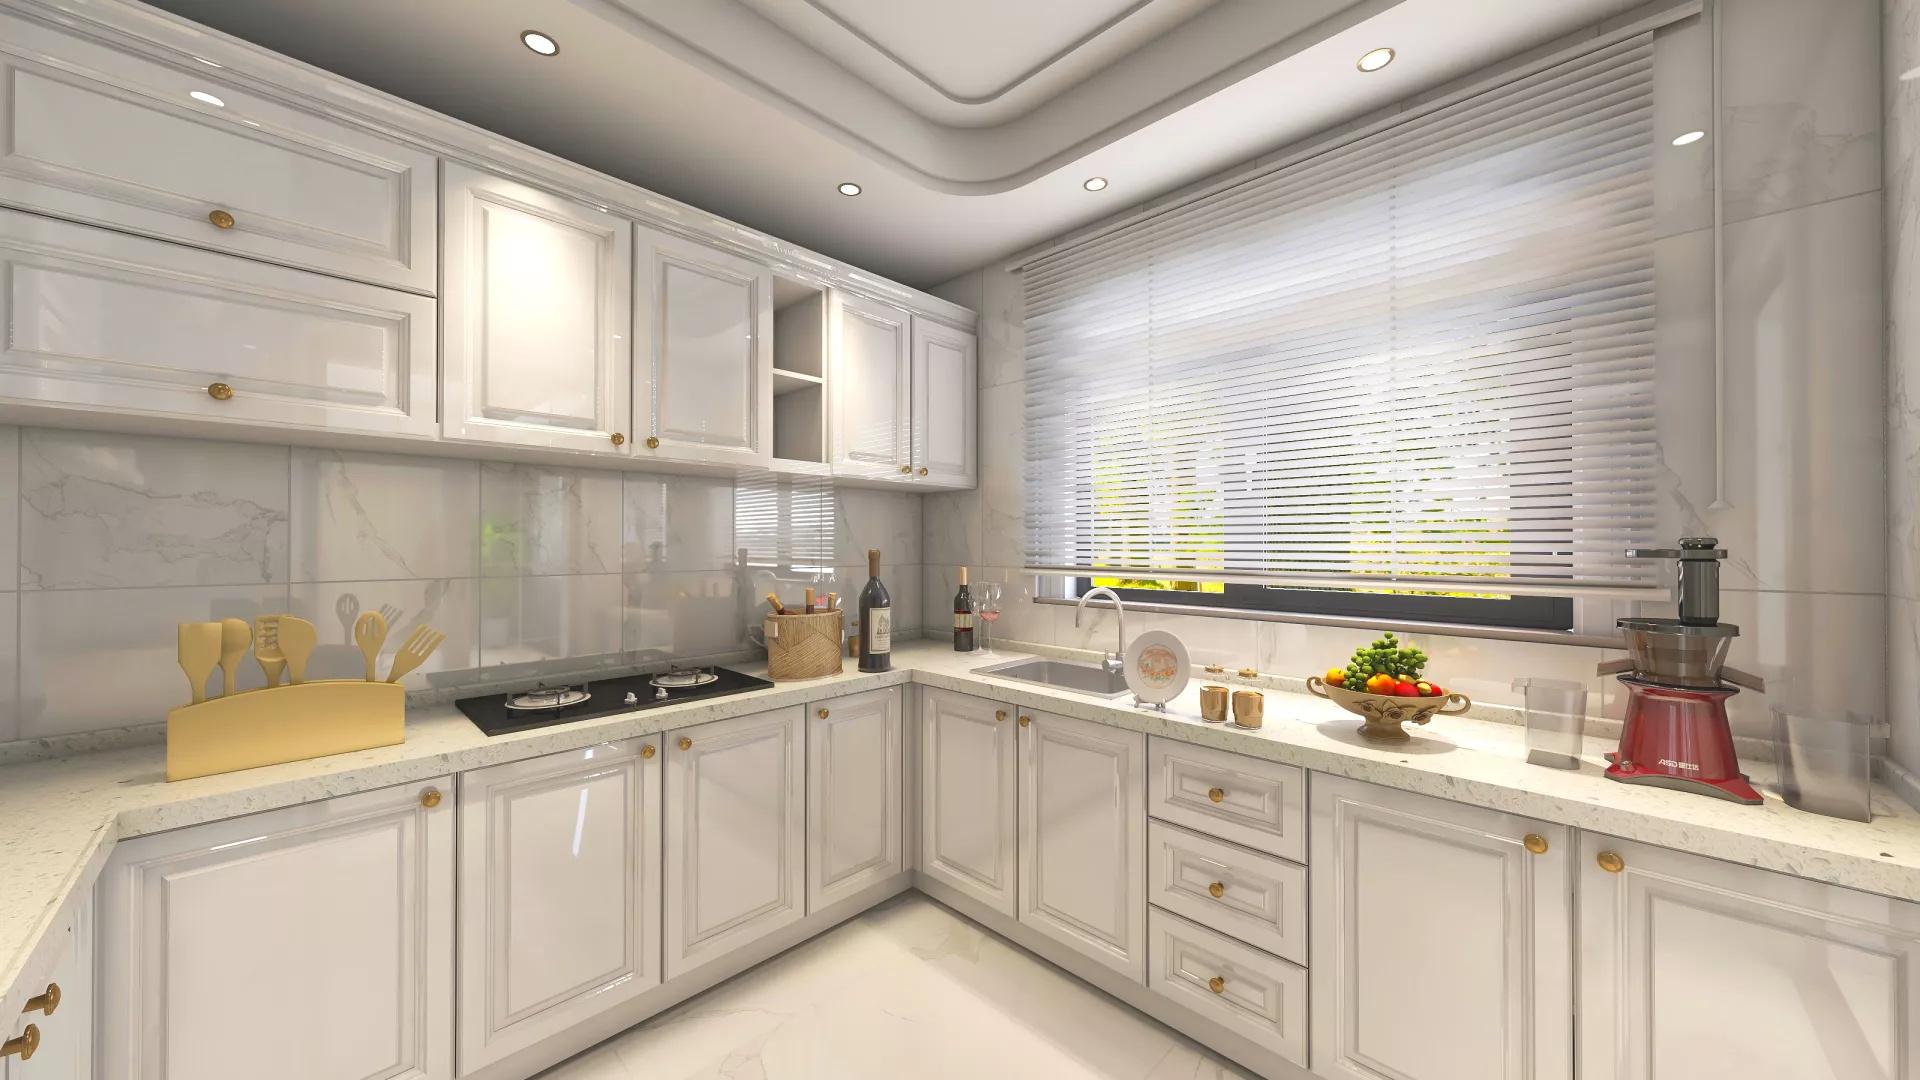 厨房如何规划空间  厨房设计要领